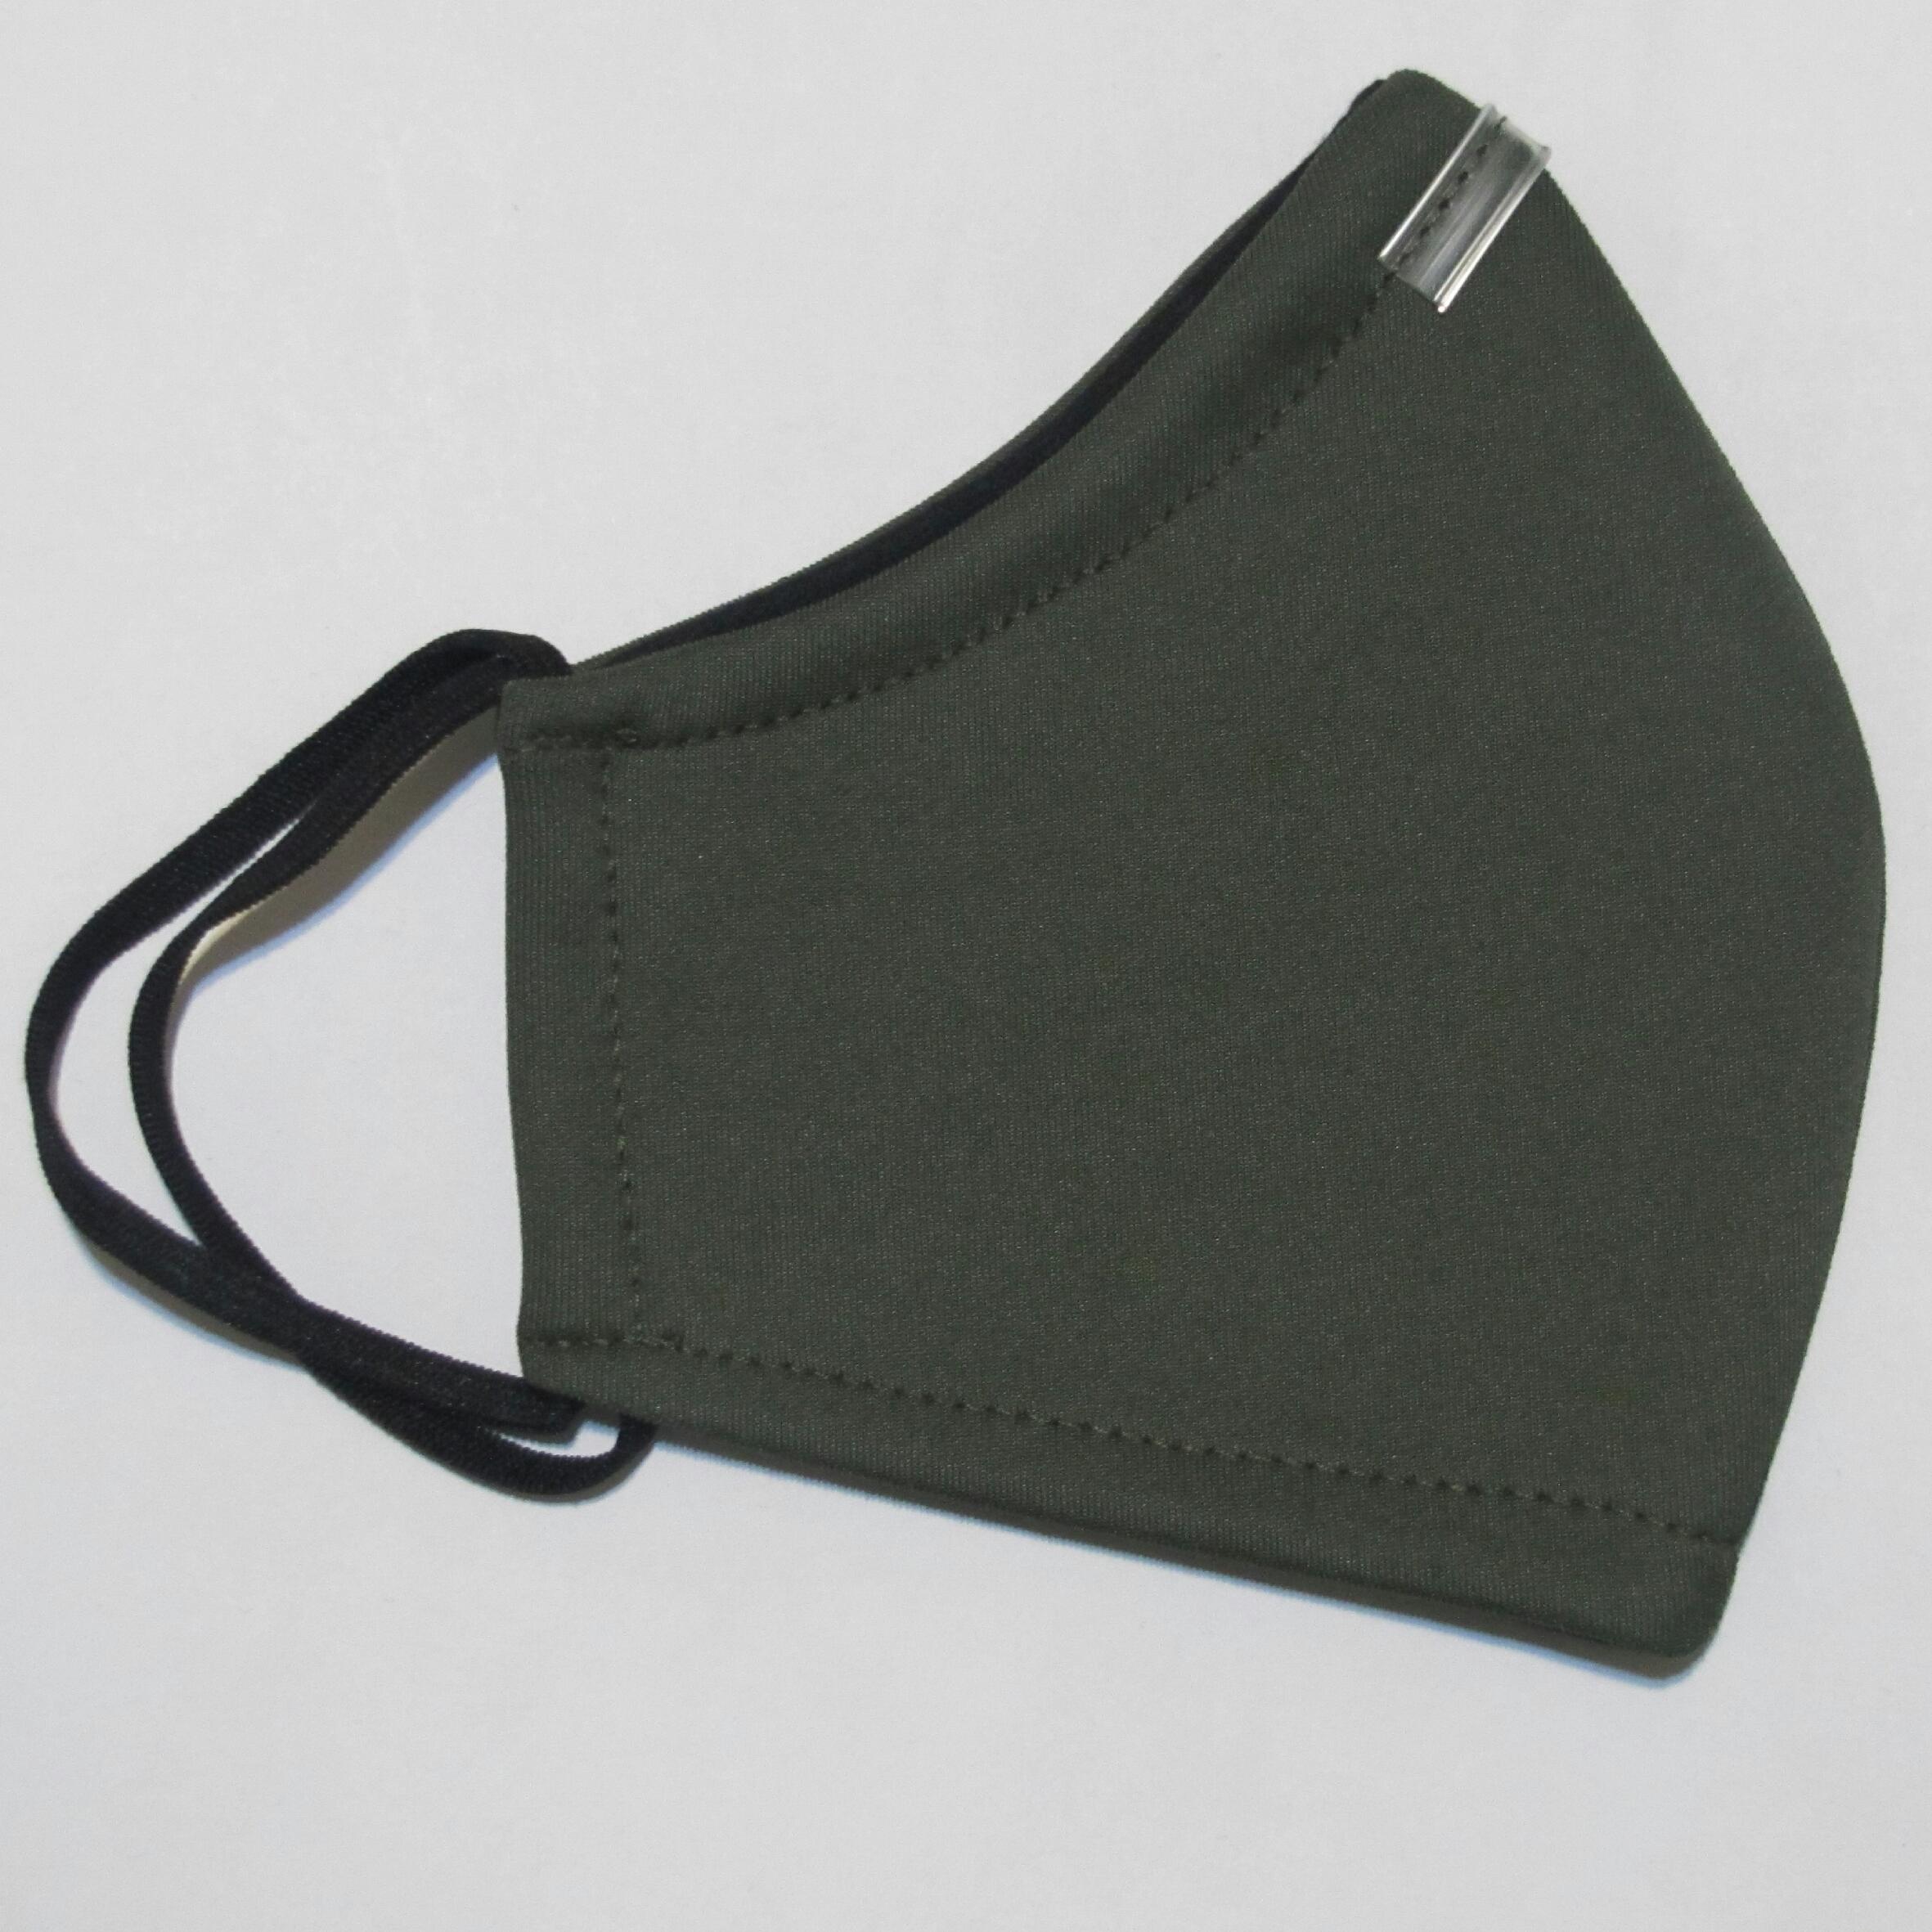 ماسک پارچه ای مدل mgh1 main 1 7